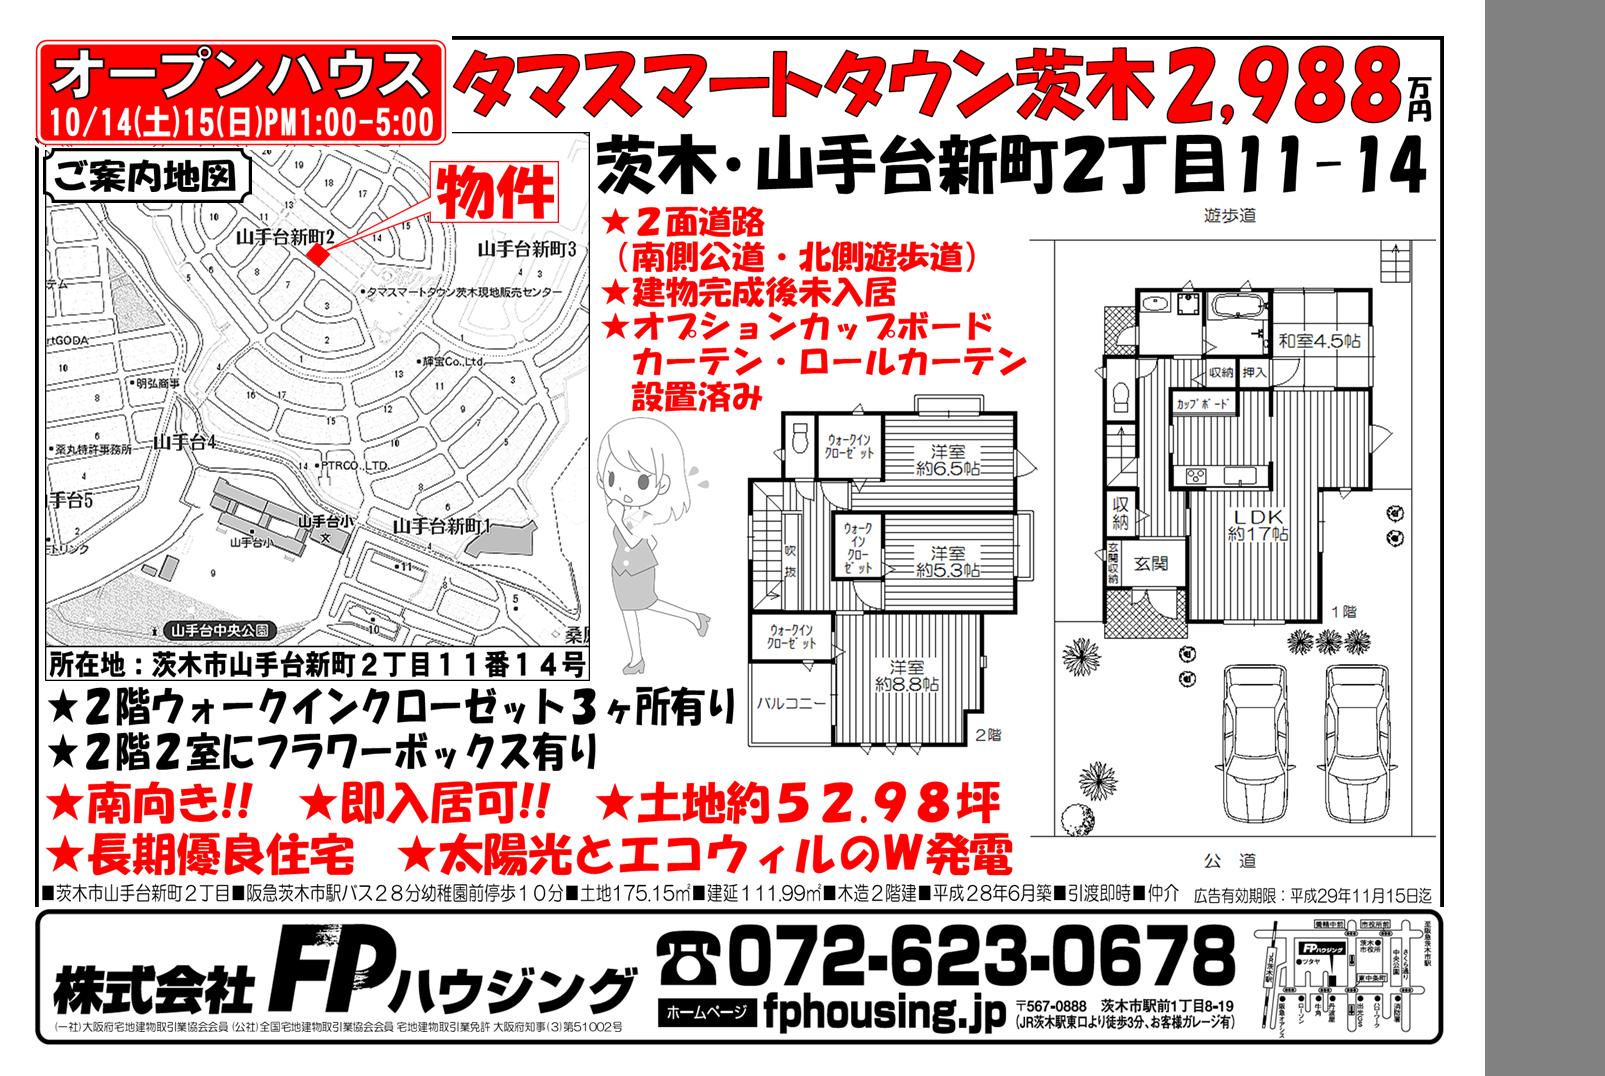 タマスマートタウン オープンハウス広告